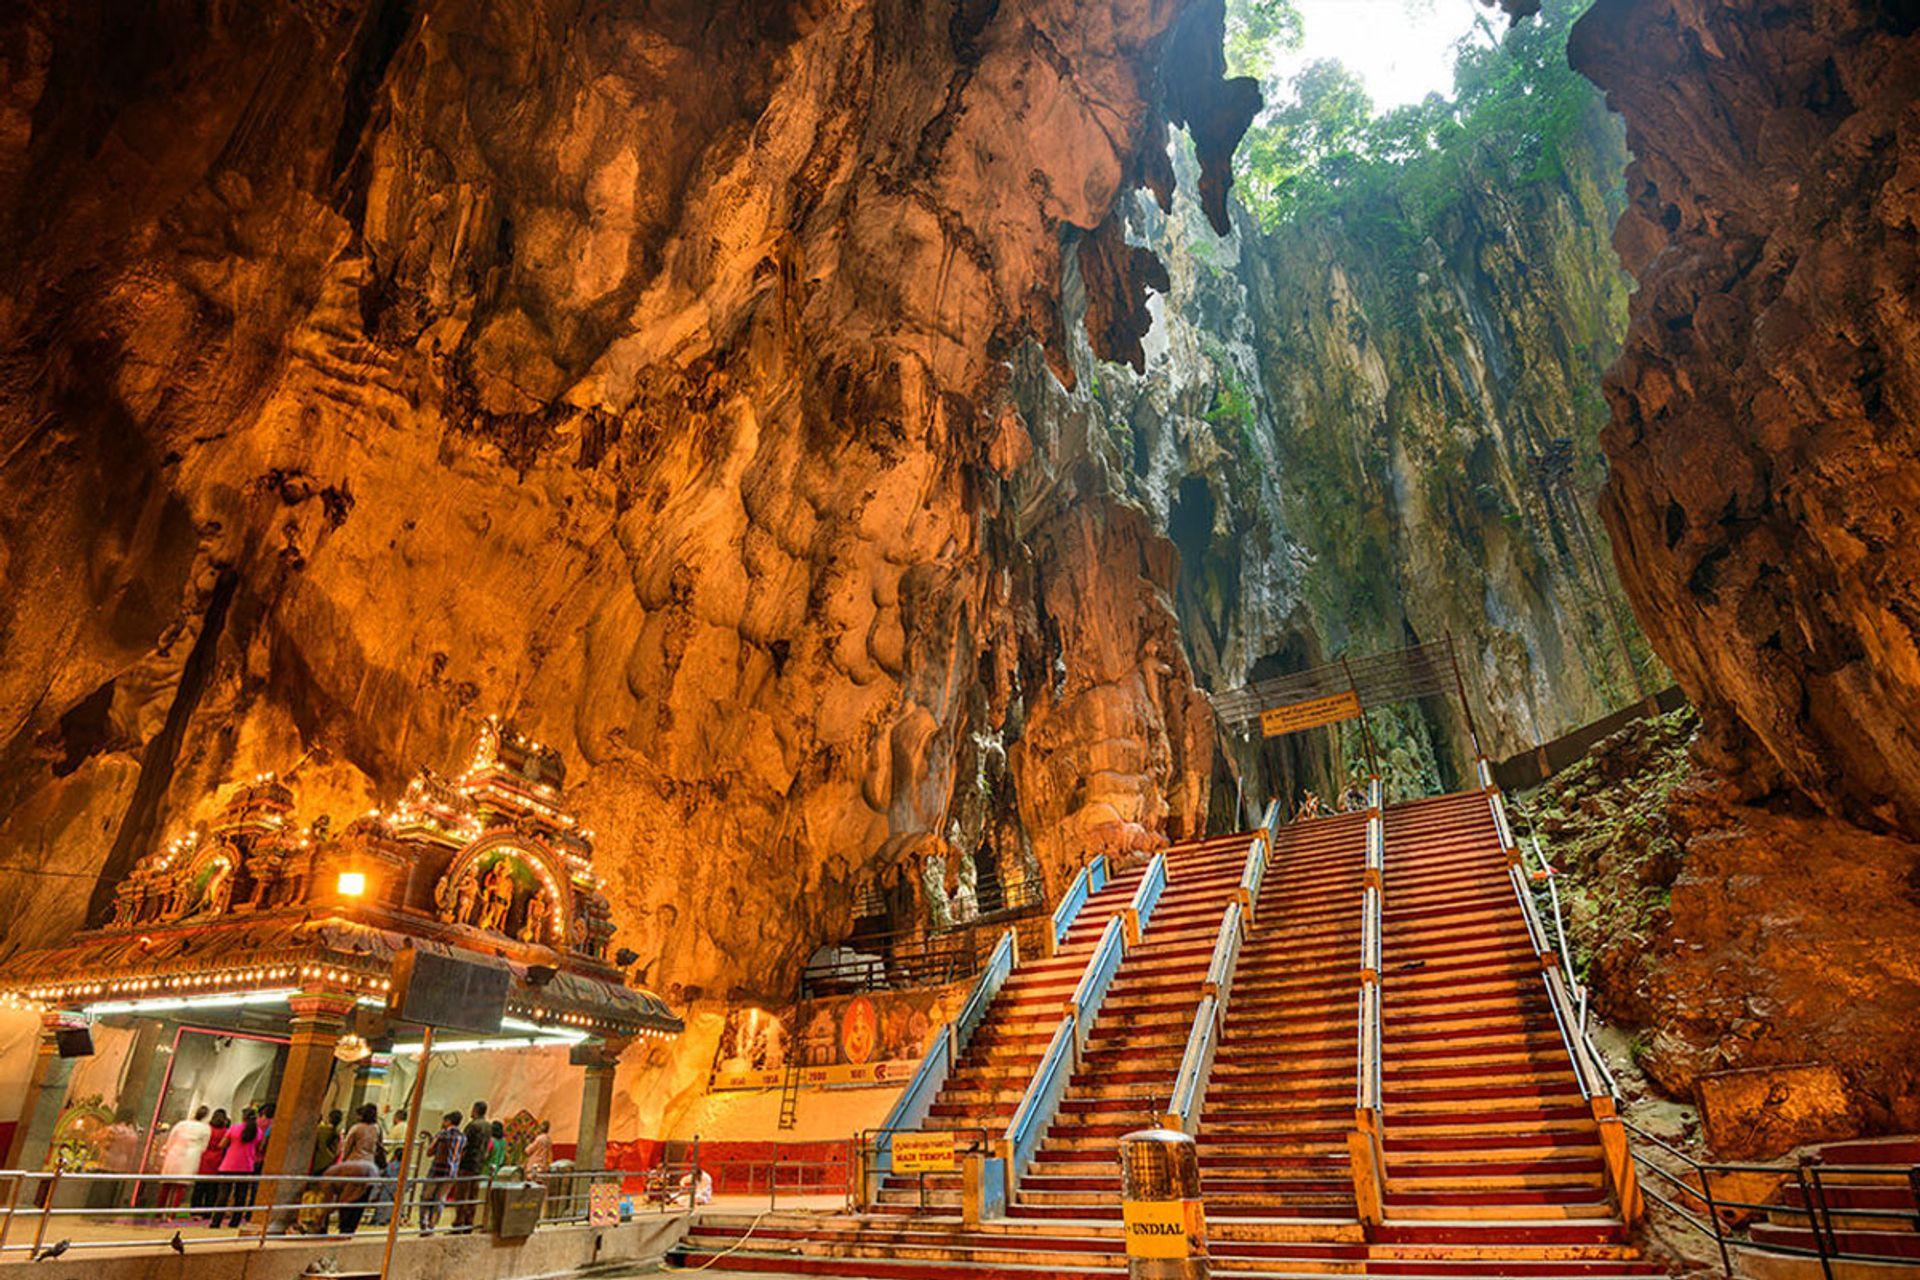 Chinh phục hang động Batu nổi tiếng